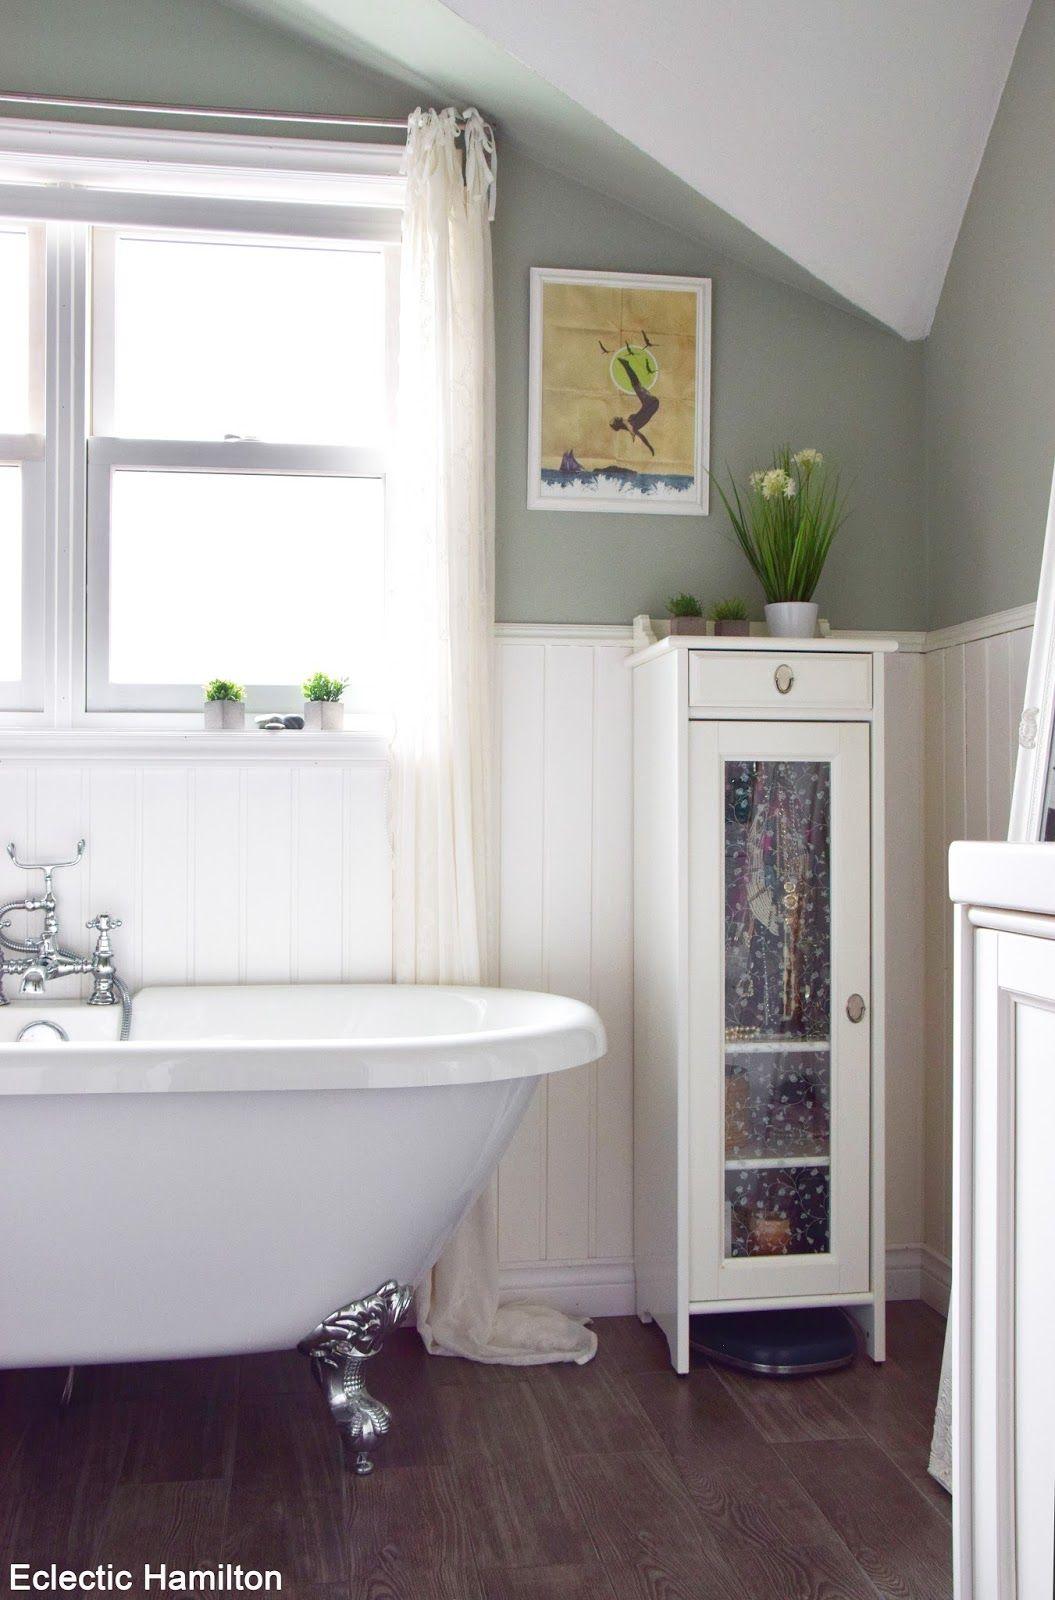 pflanzen f r mein badezimmer und einblicke endlich mal wieder in 2018 badezimmer ideen. Black Bedroom Furniture Sets. Home Design Ideas